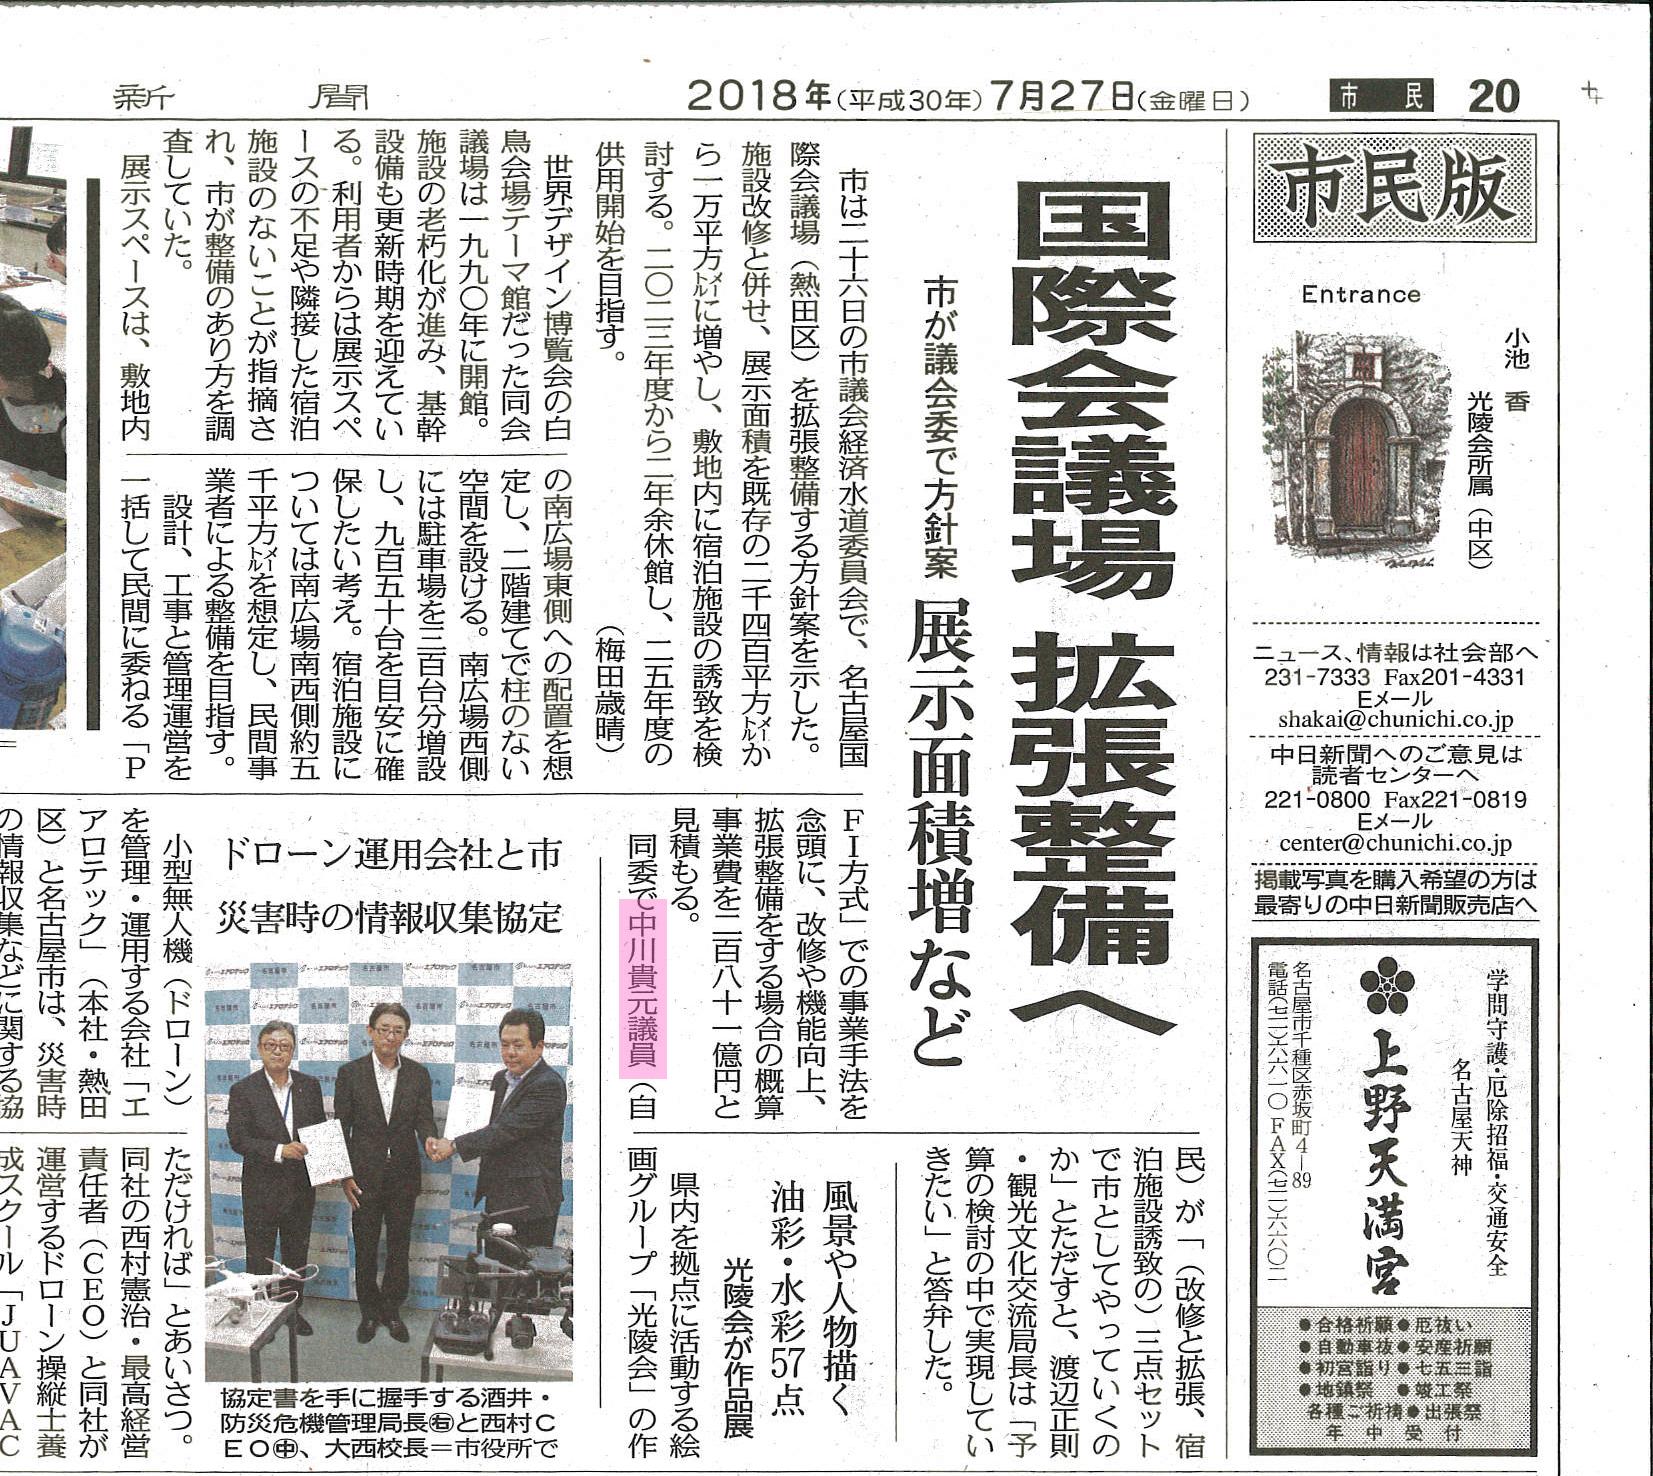 中日新聞(名古屋国際会議場拡張)